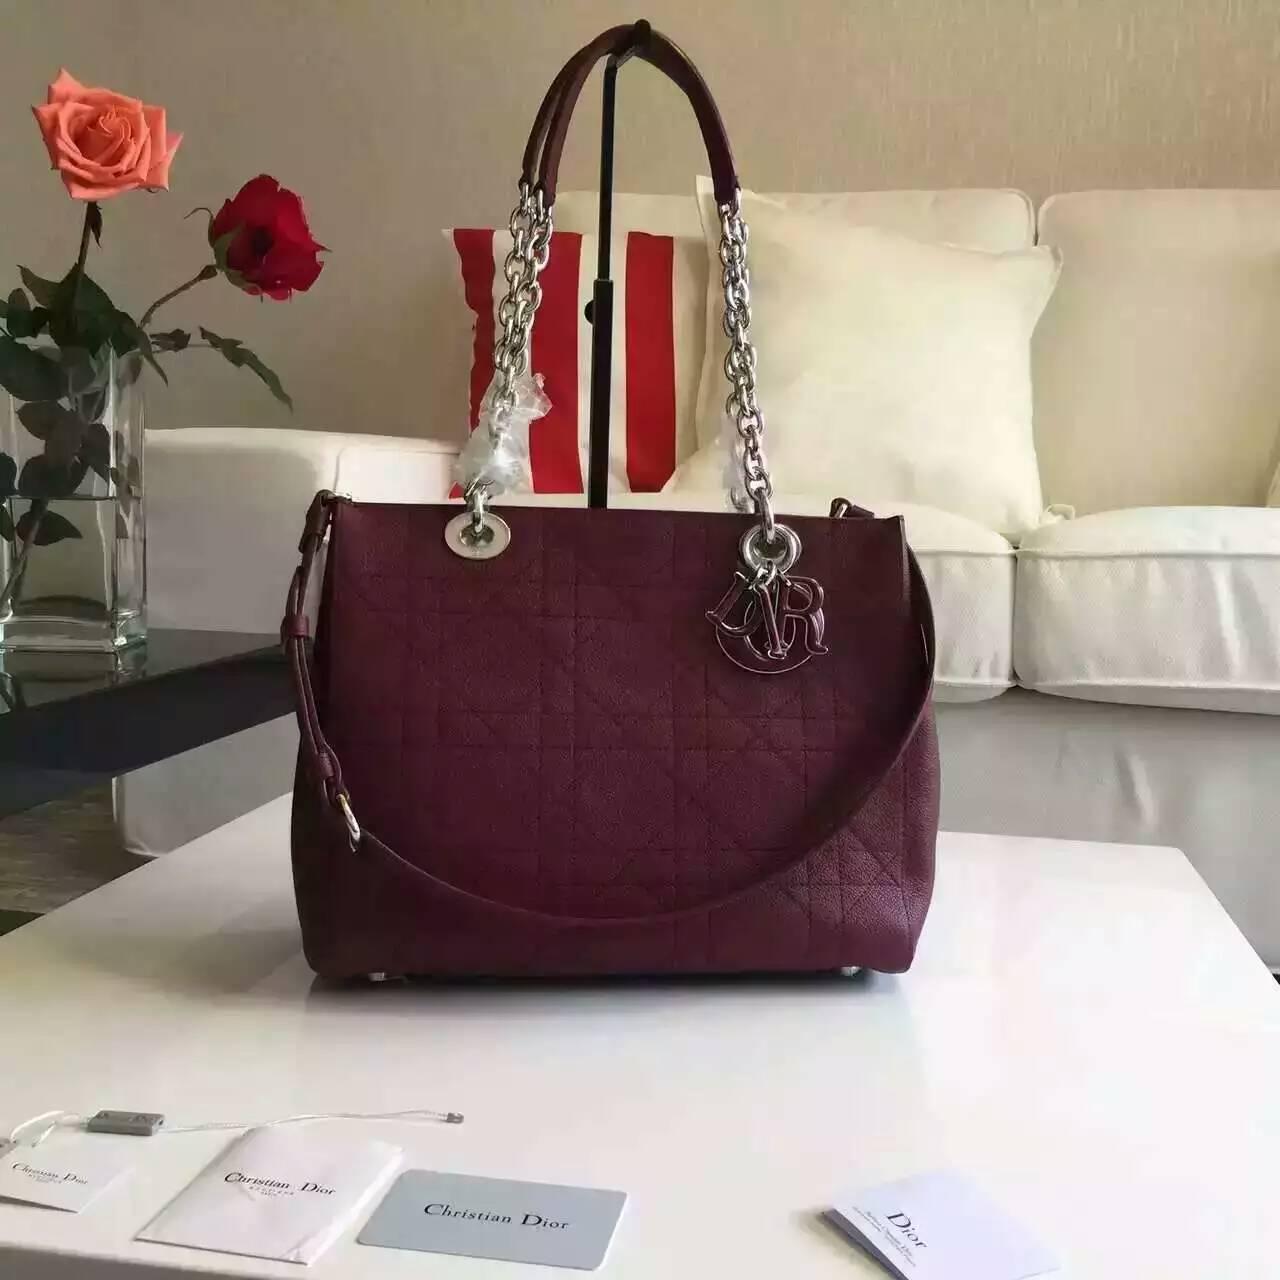 一件代发 Christian Dior迪奥16春夏新款女士购物袋 枣红色粒面牛皮